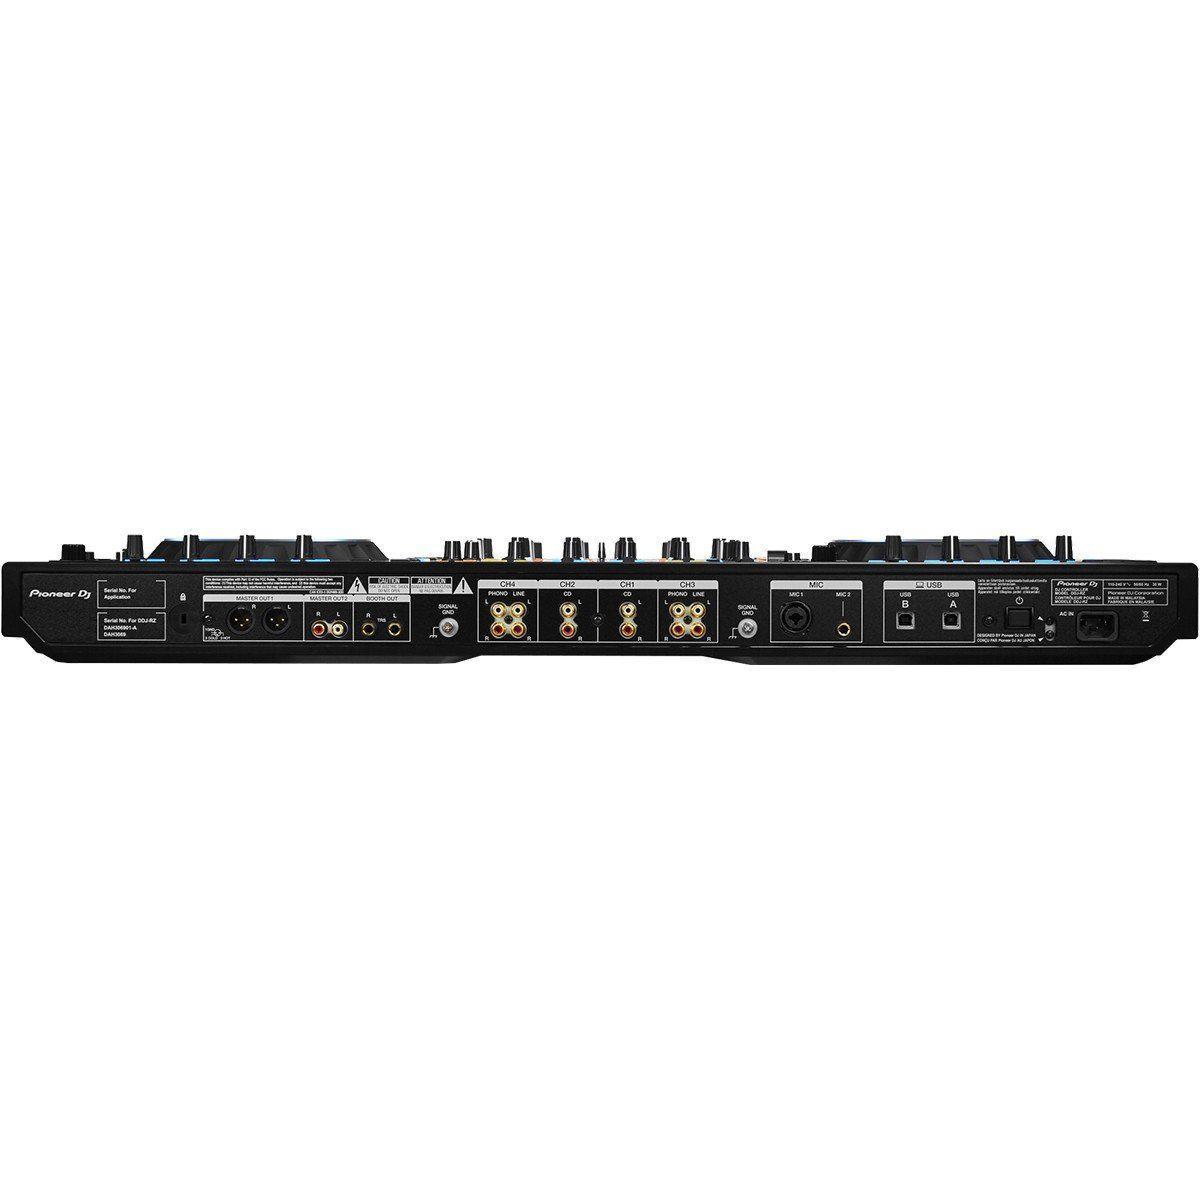 Pioneer DDJ-RZ Controladora Dj DDJ RZ 4-Canais 2-Decks Rekordbox